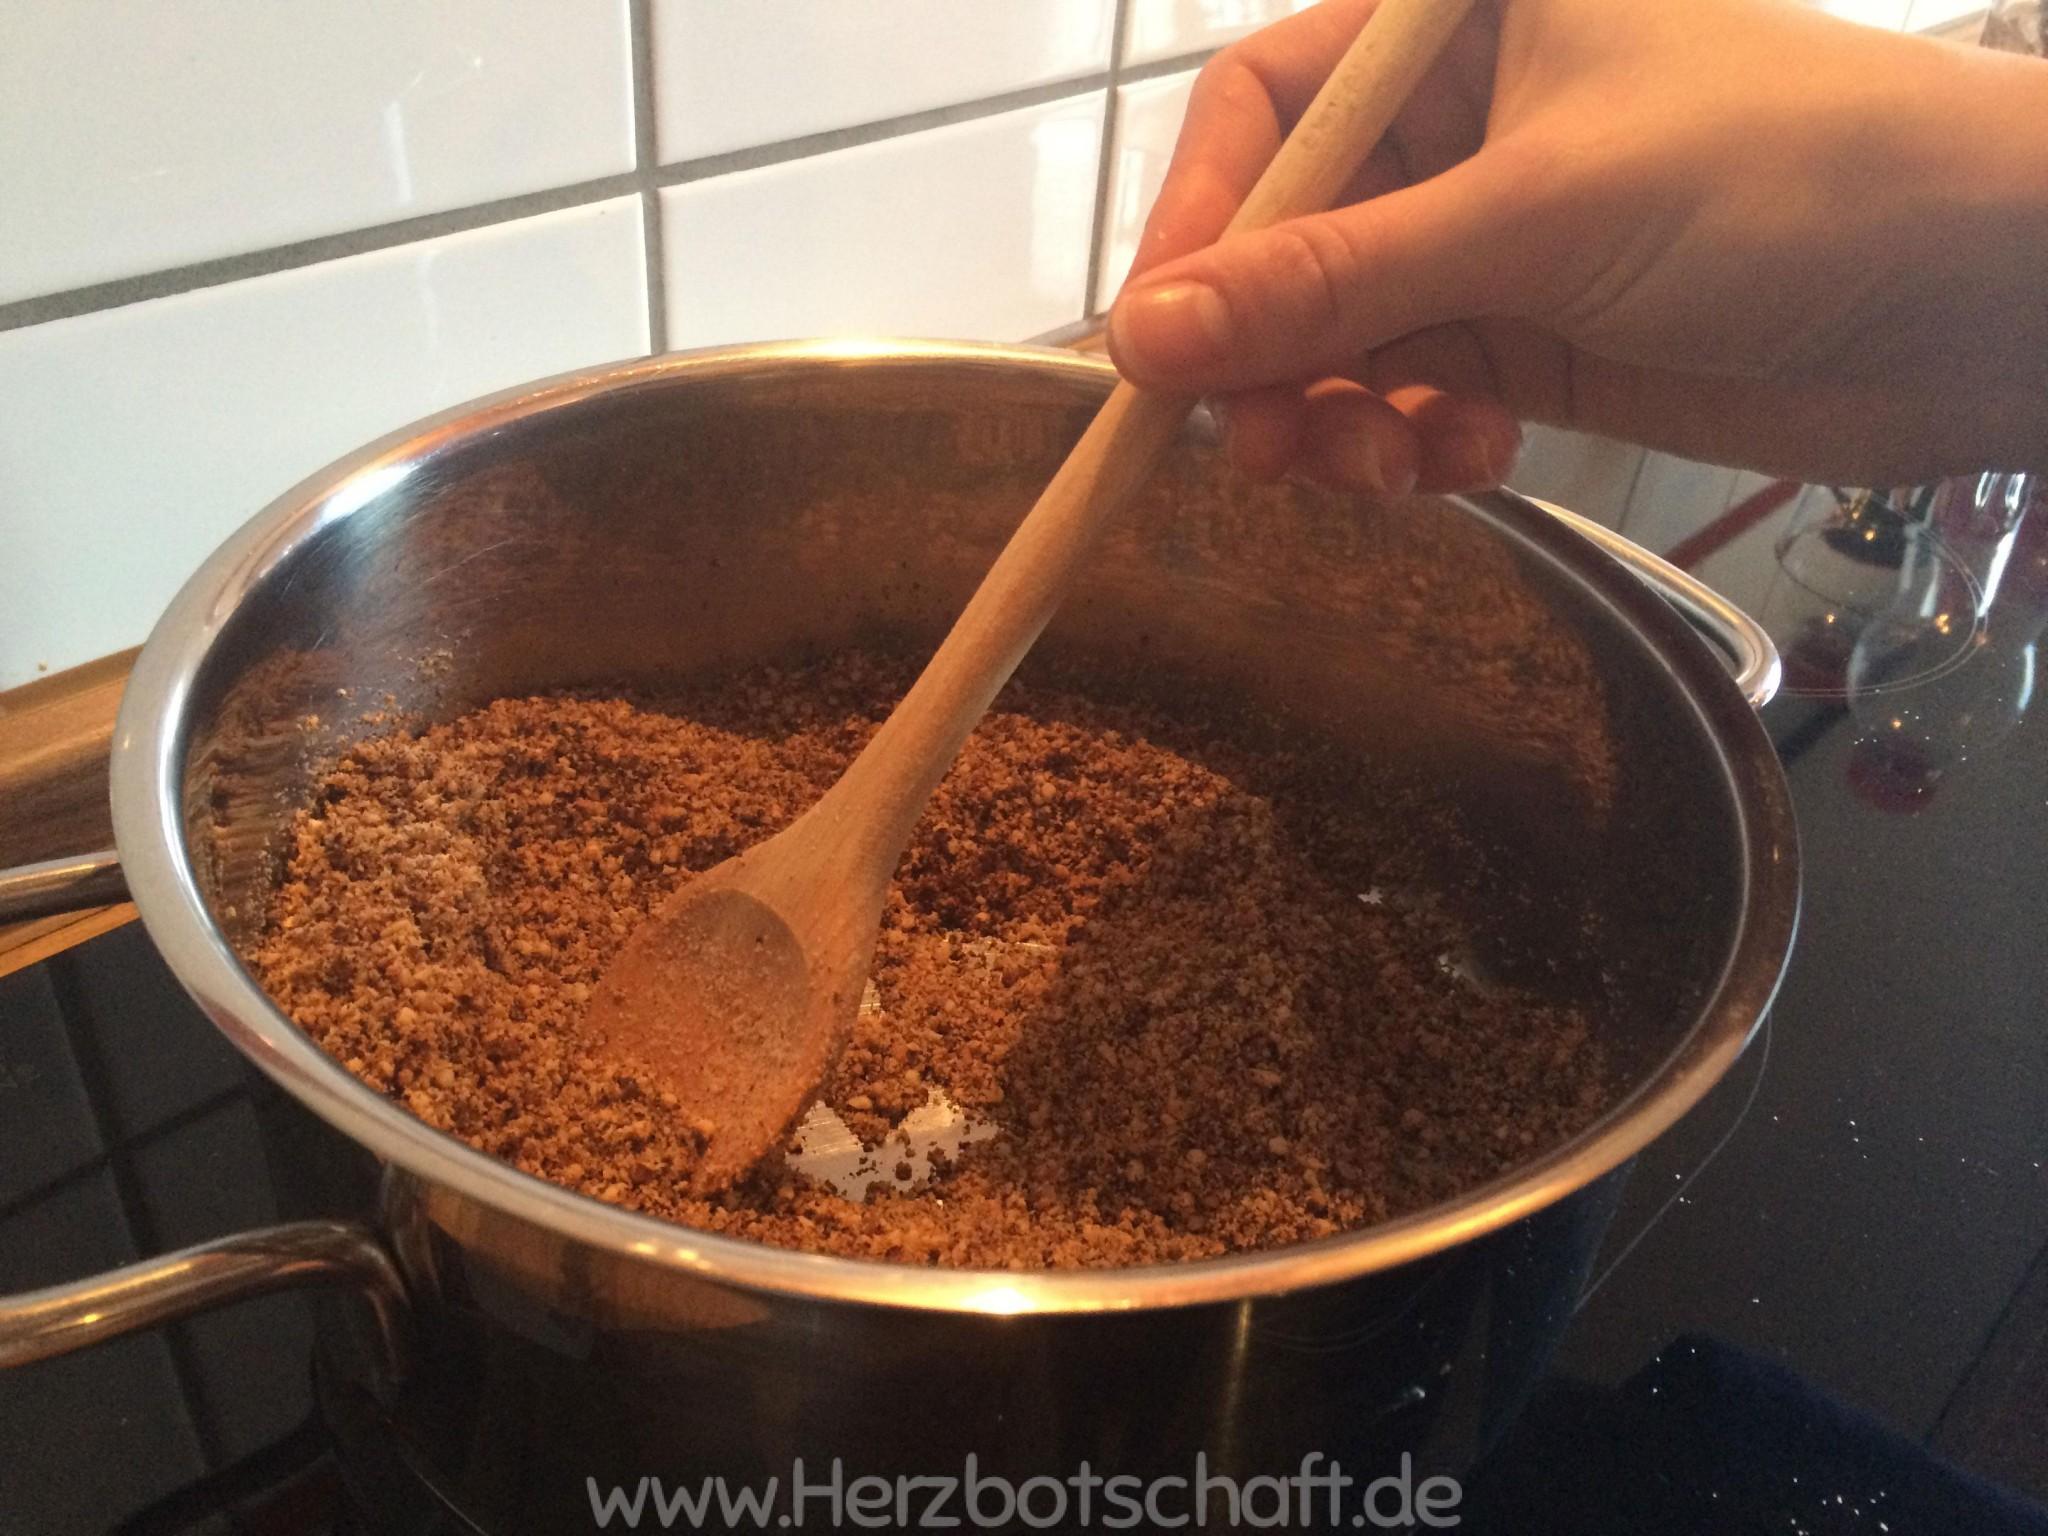 nuesse-roesten-haselnusssirup-herstellen